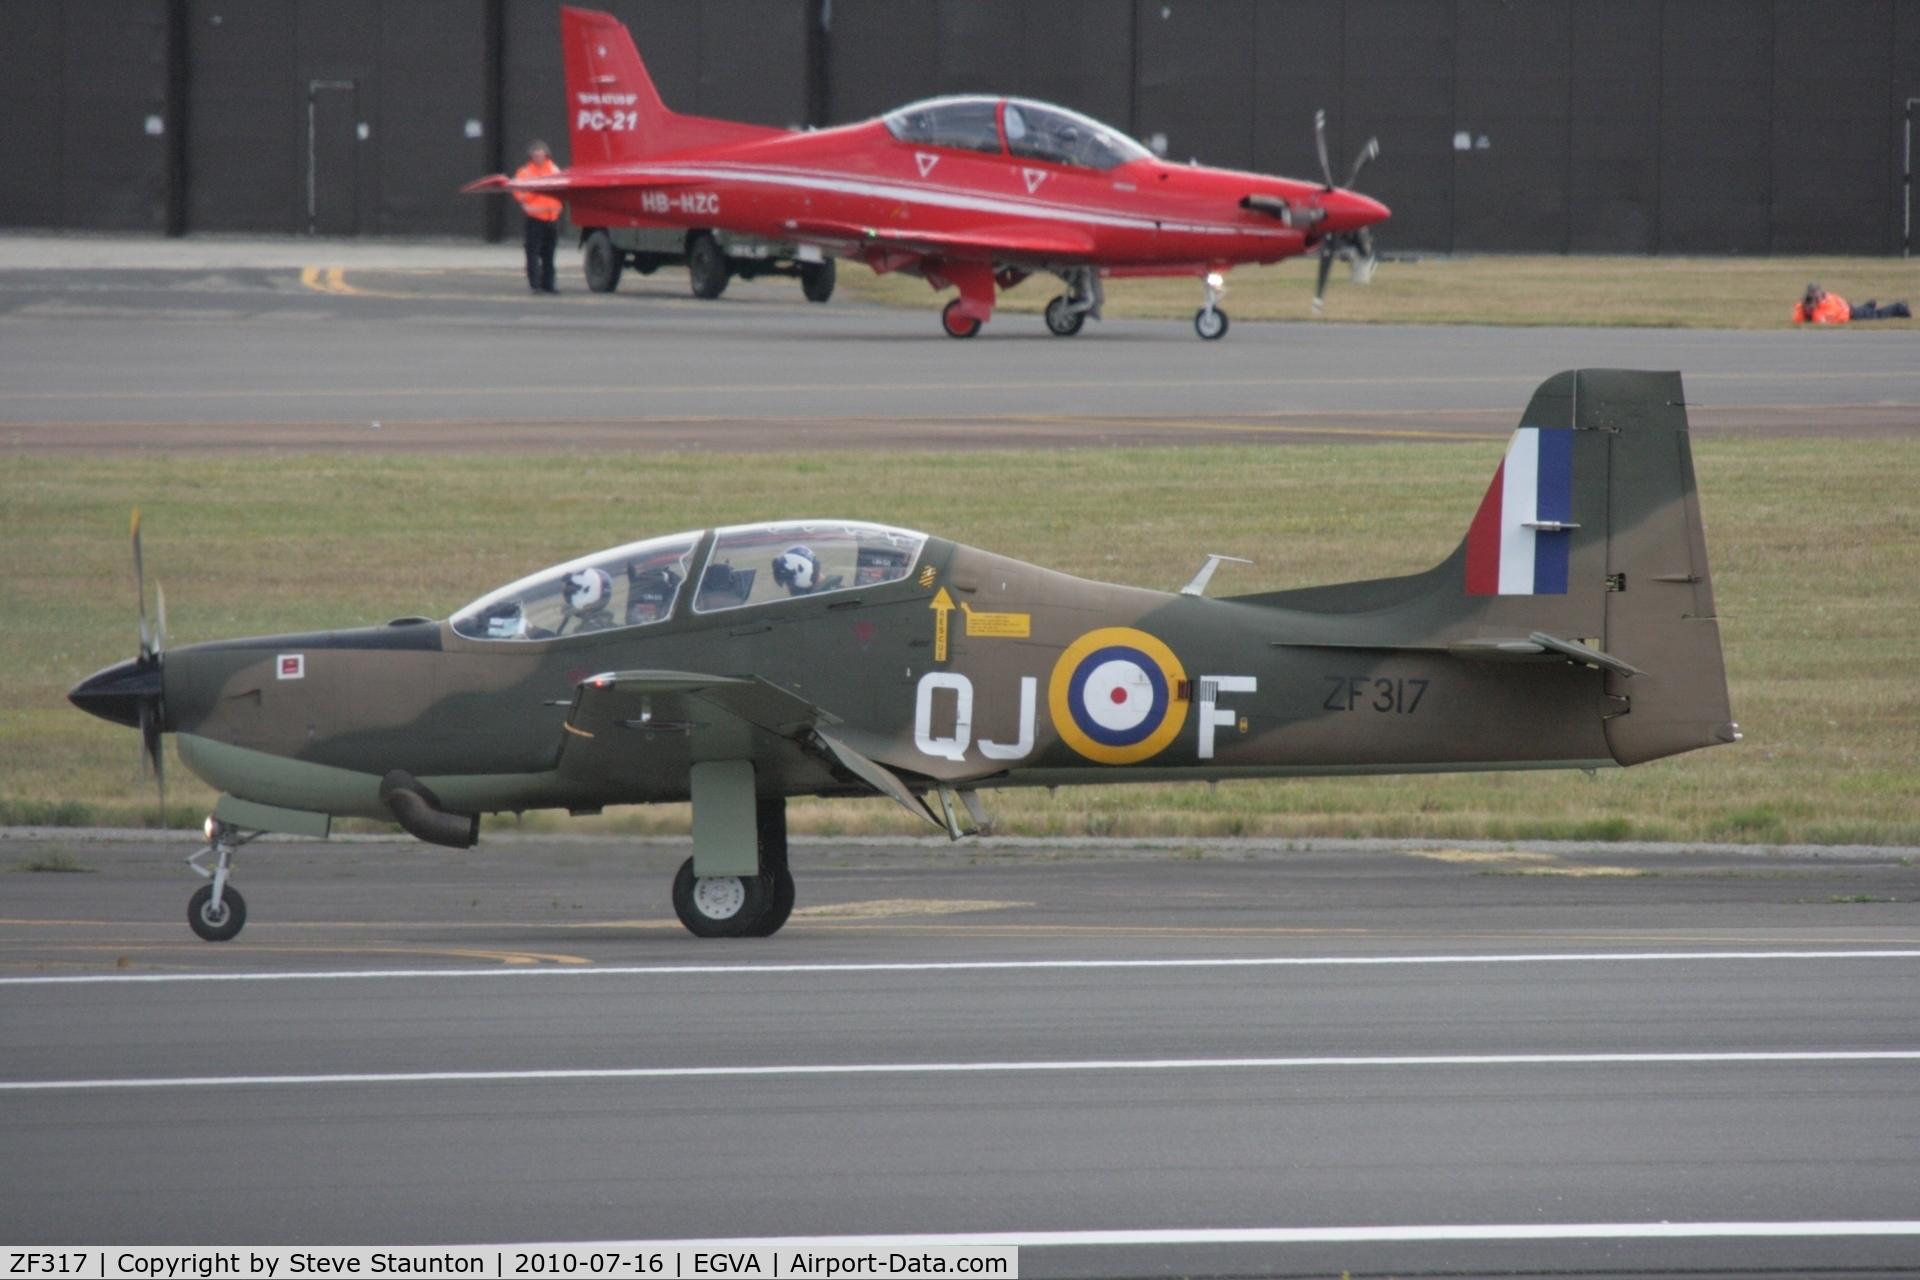 ZF317, Short S-312 Tucano T1 C/N S098/T69, Taken at the Royal International Air Tattoo 2010